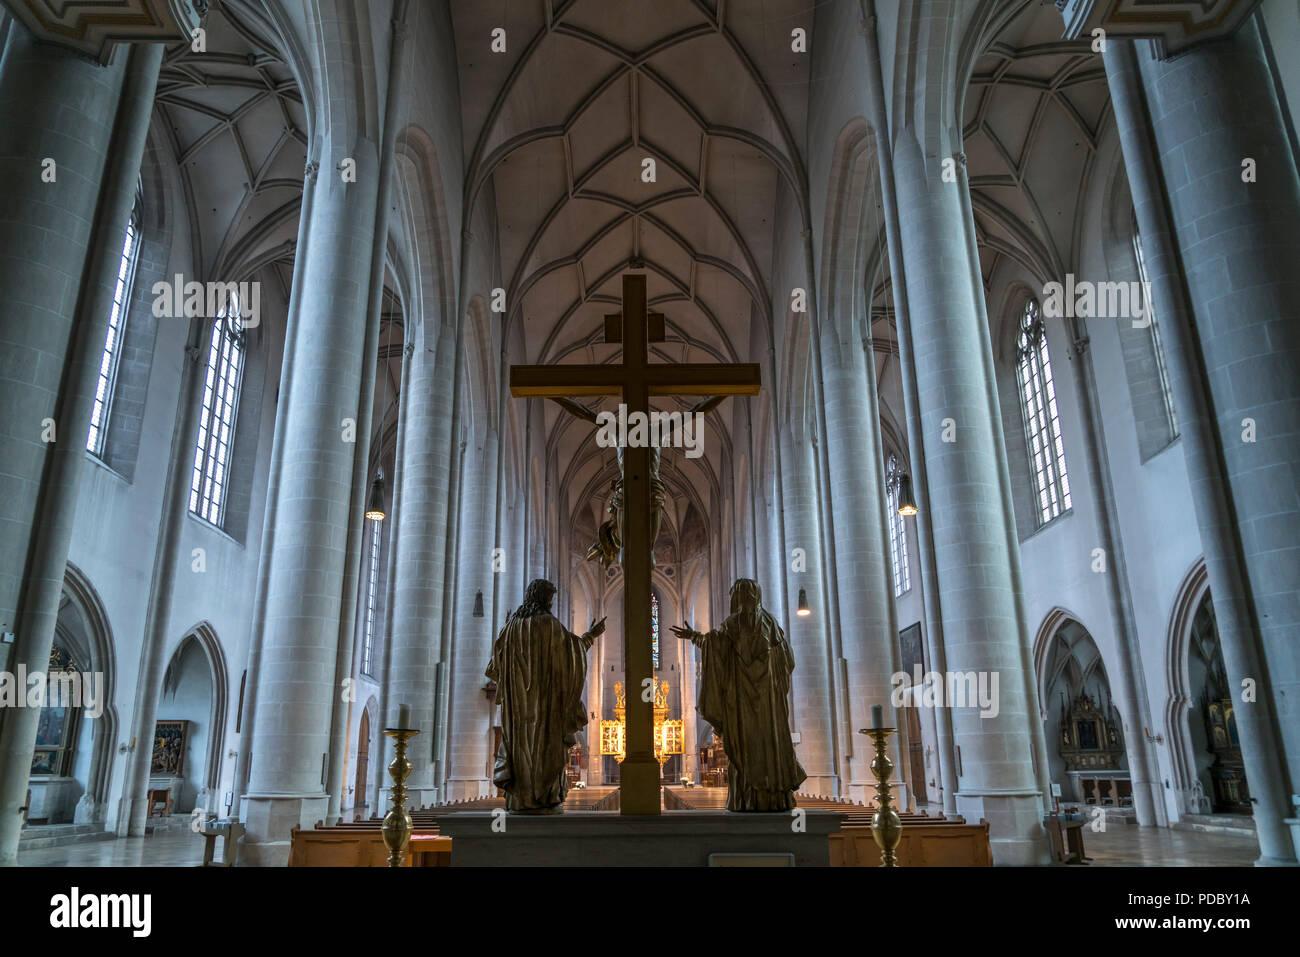 Innenraum, Kirchenschiff des Liebfrauenmünster, Ingolstadt, Oberbayern, Bayern, Deutschland, Europa   Interior, nave of the Liebfrauenmünster, Ingolst - Stock Image